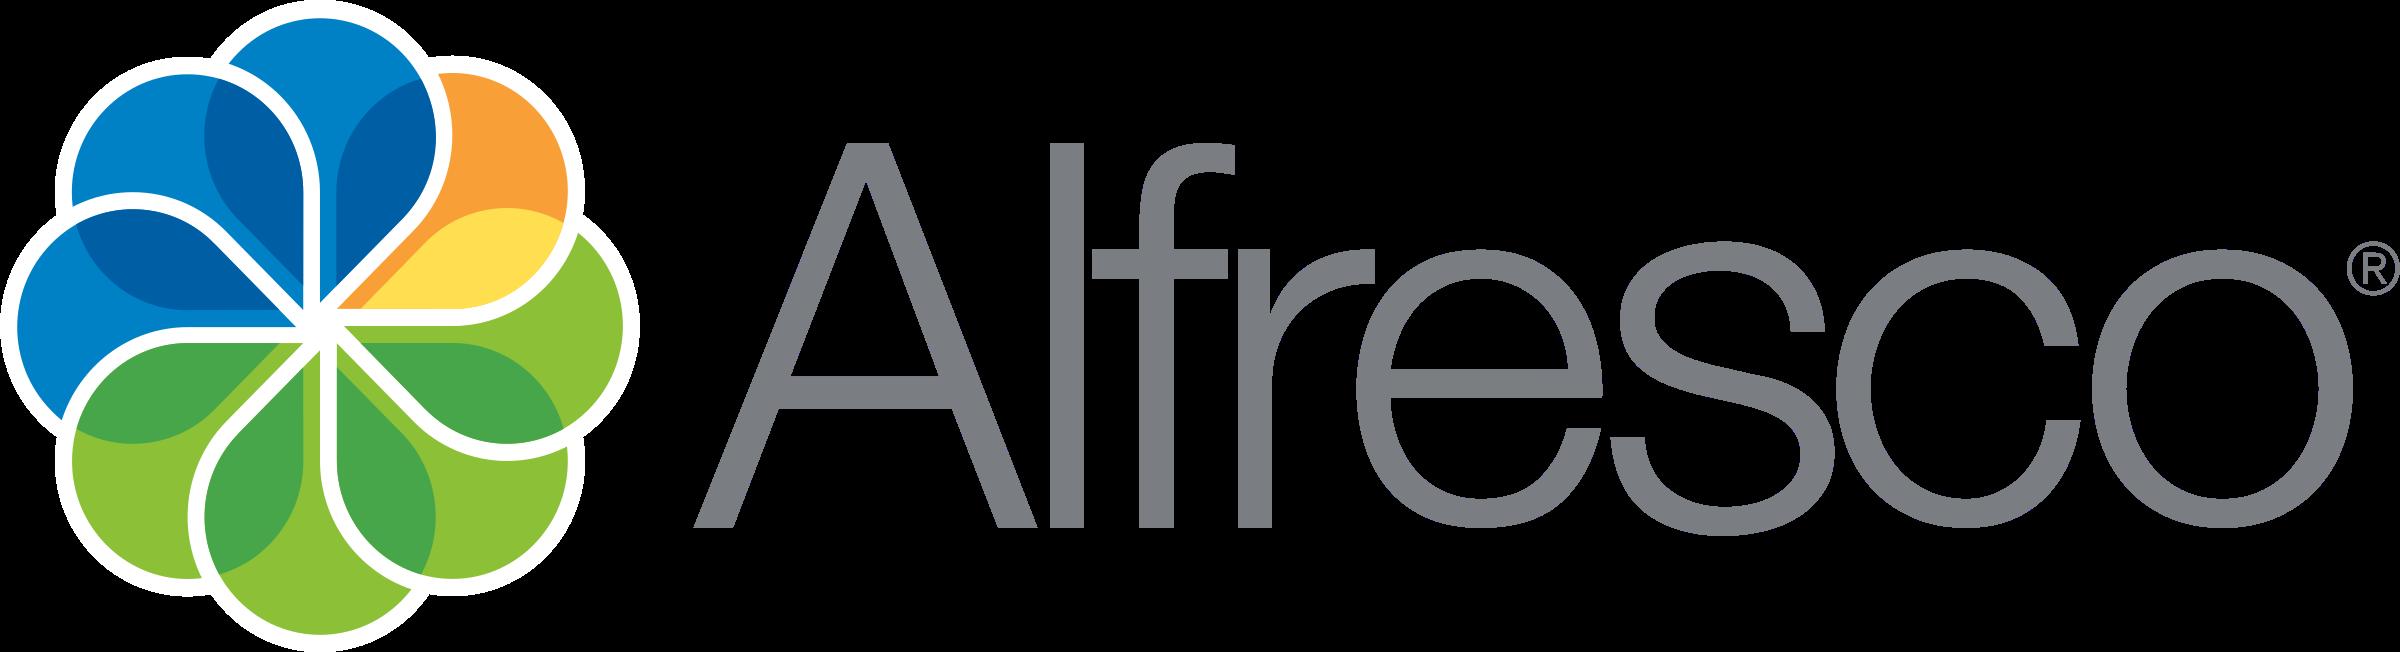 alfresco-logo-png-transparent.png